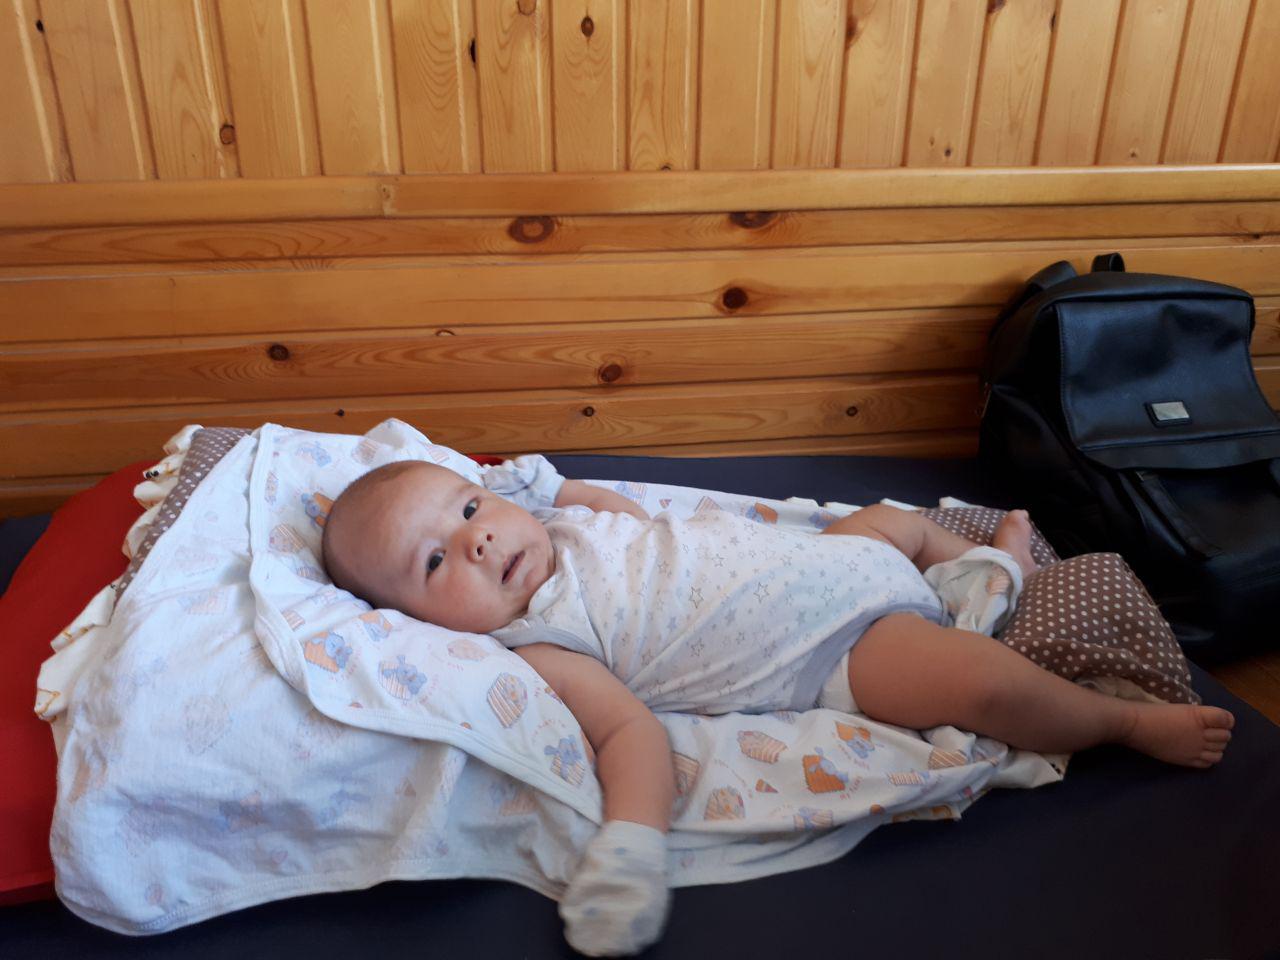 Заключение специалистов: причиной смерти младенца в Сергелийском районе не является прививка